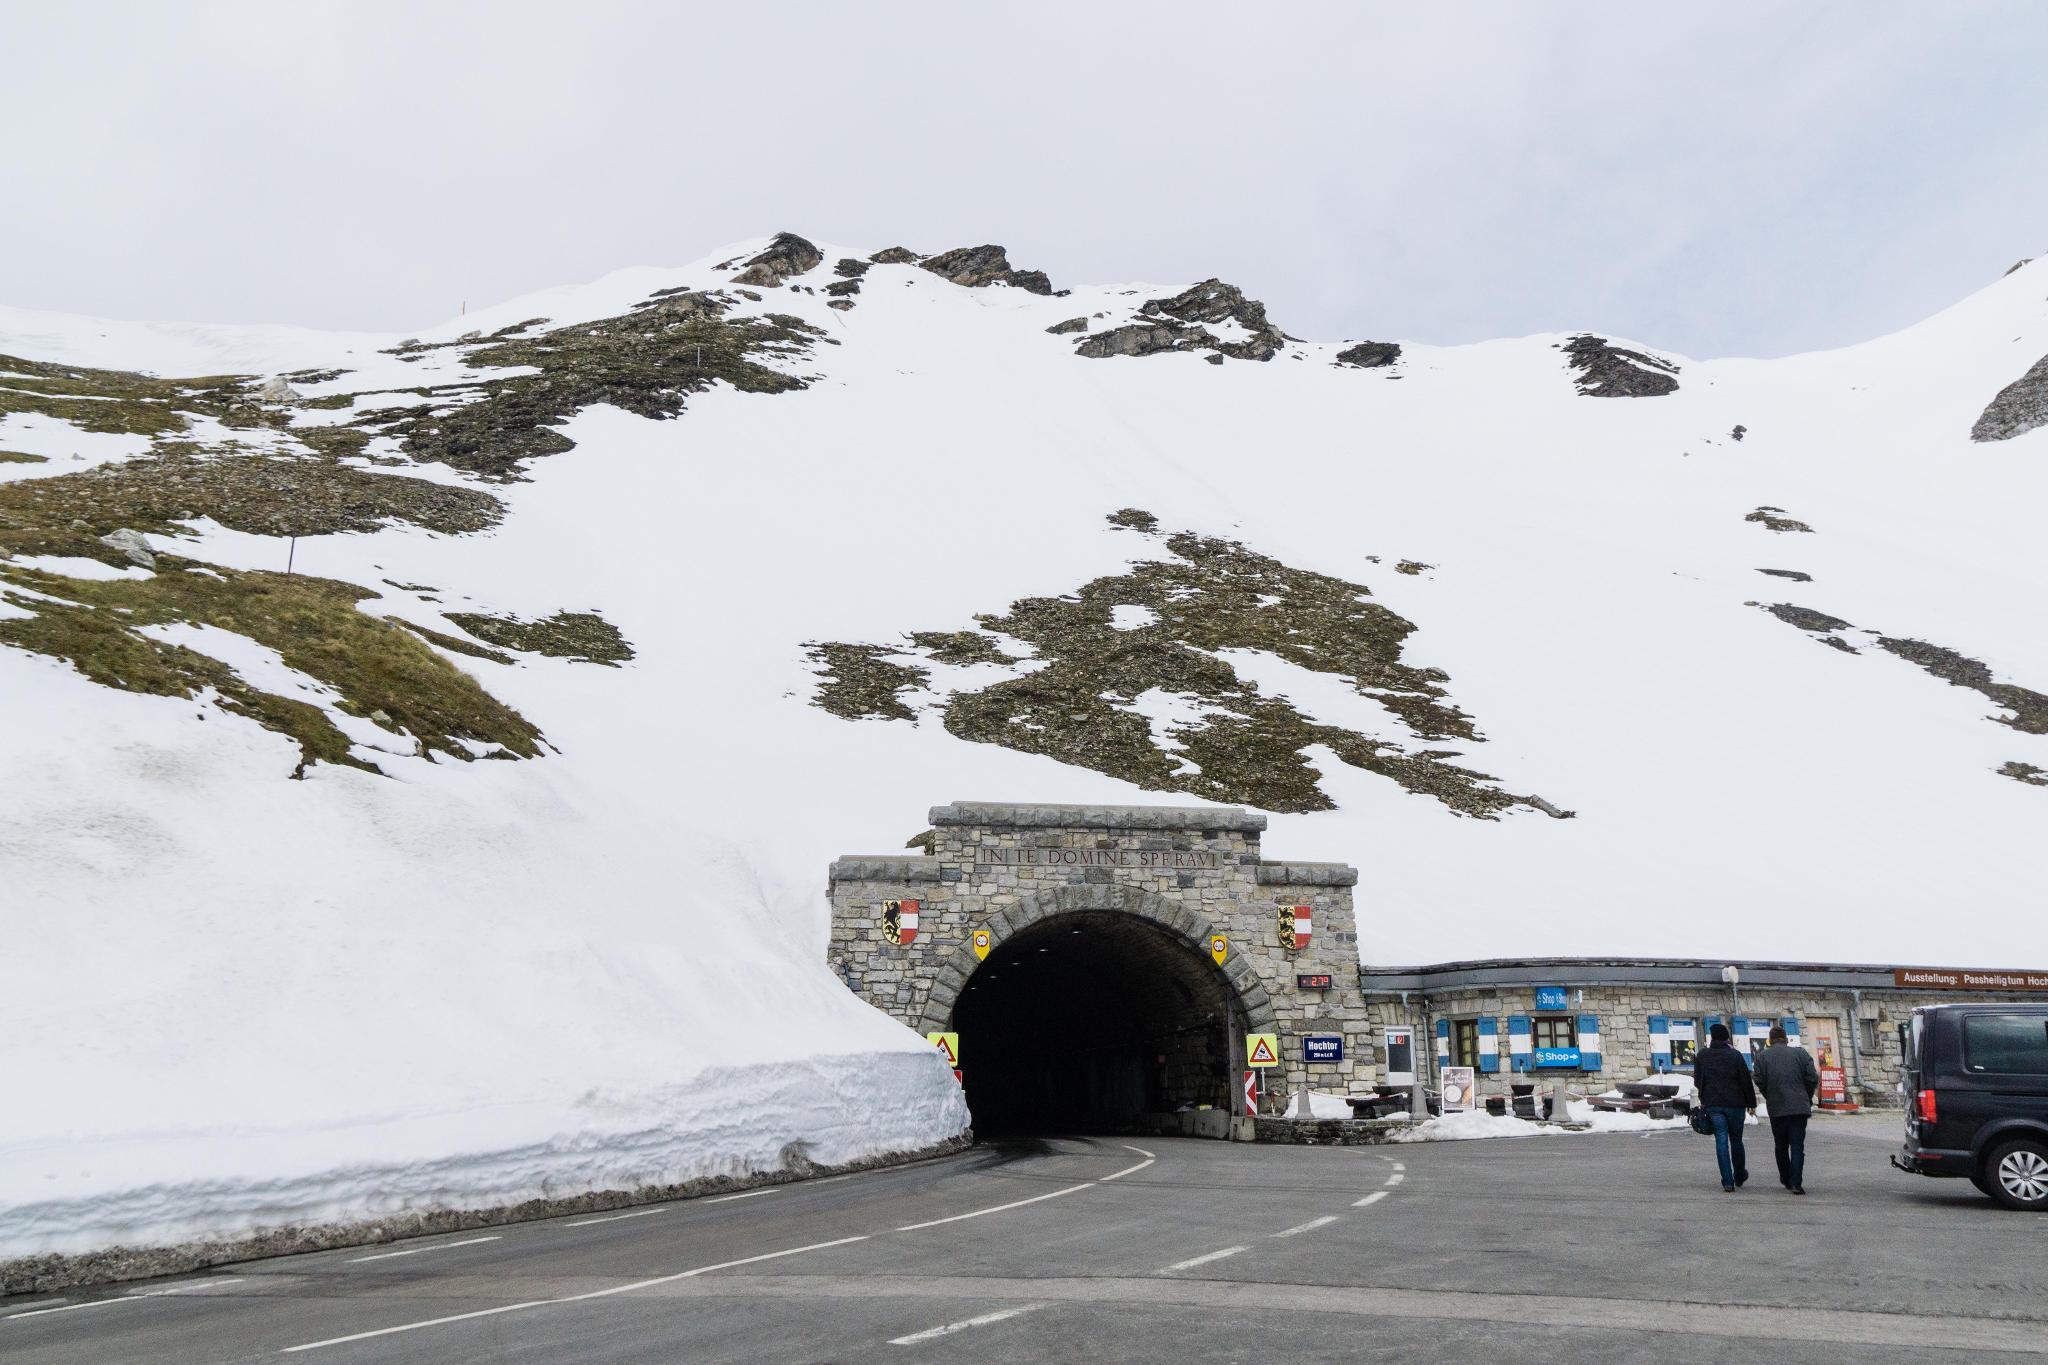 【奧地利】穿越阿爾卑斯之巔 — 奧地利大鐘山冰河公路 (Grossglockner High Alpine Road) 41